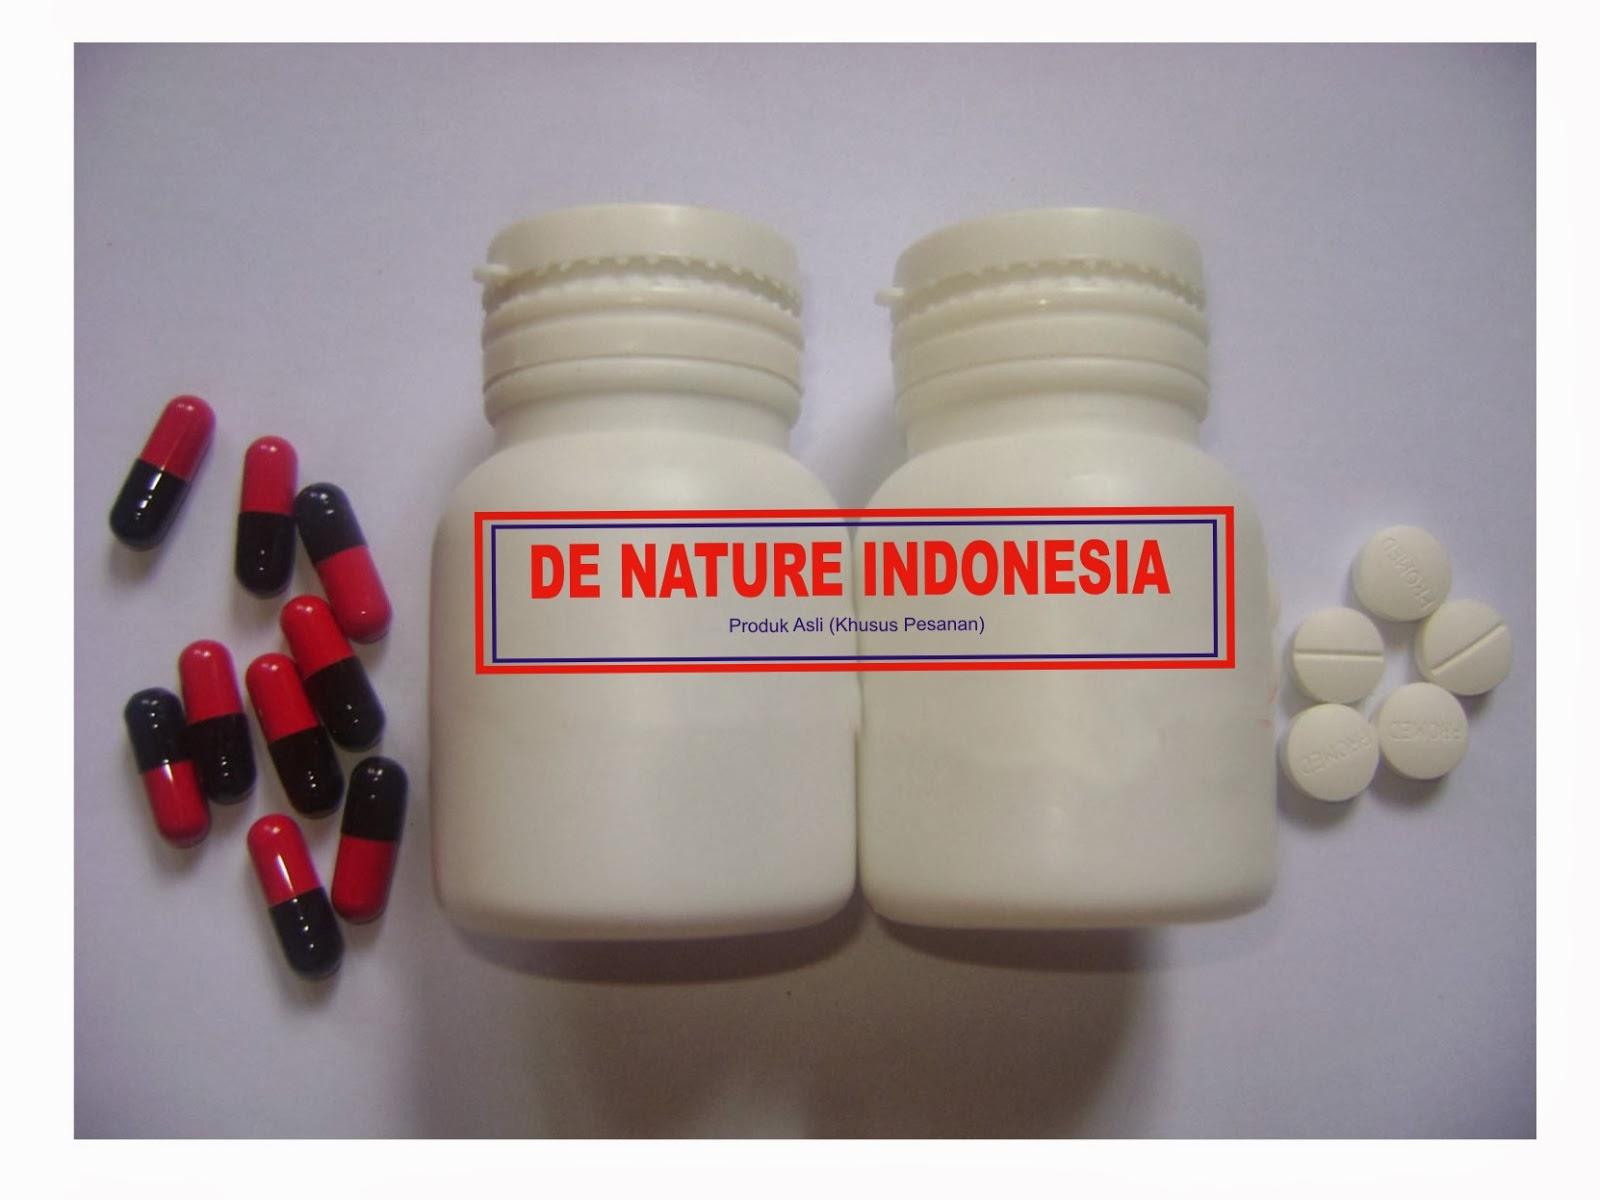 obat sipilis de anture indonesia